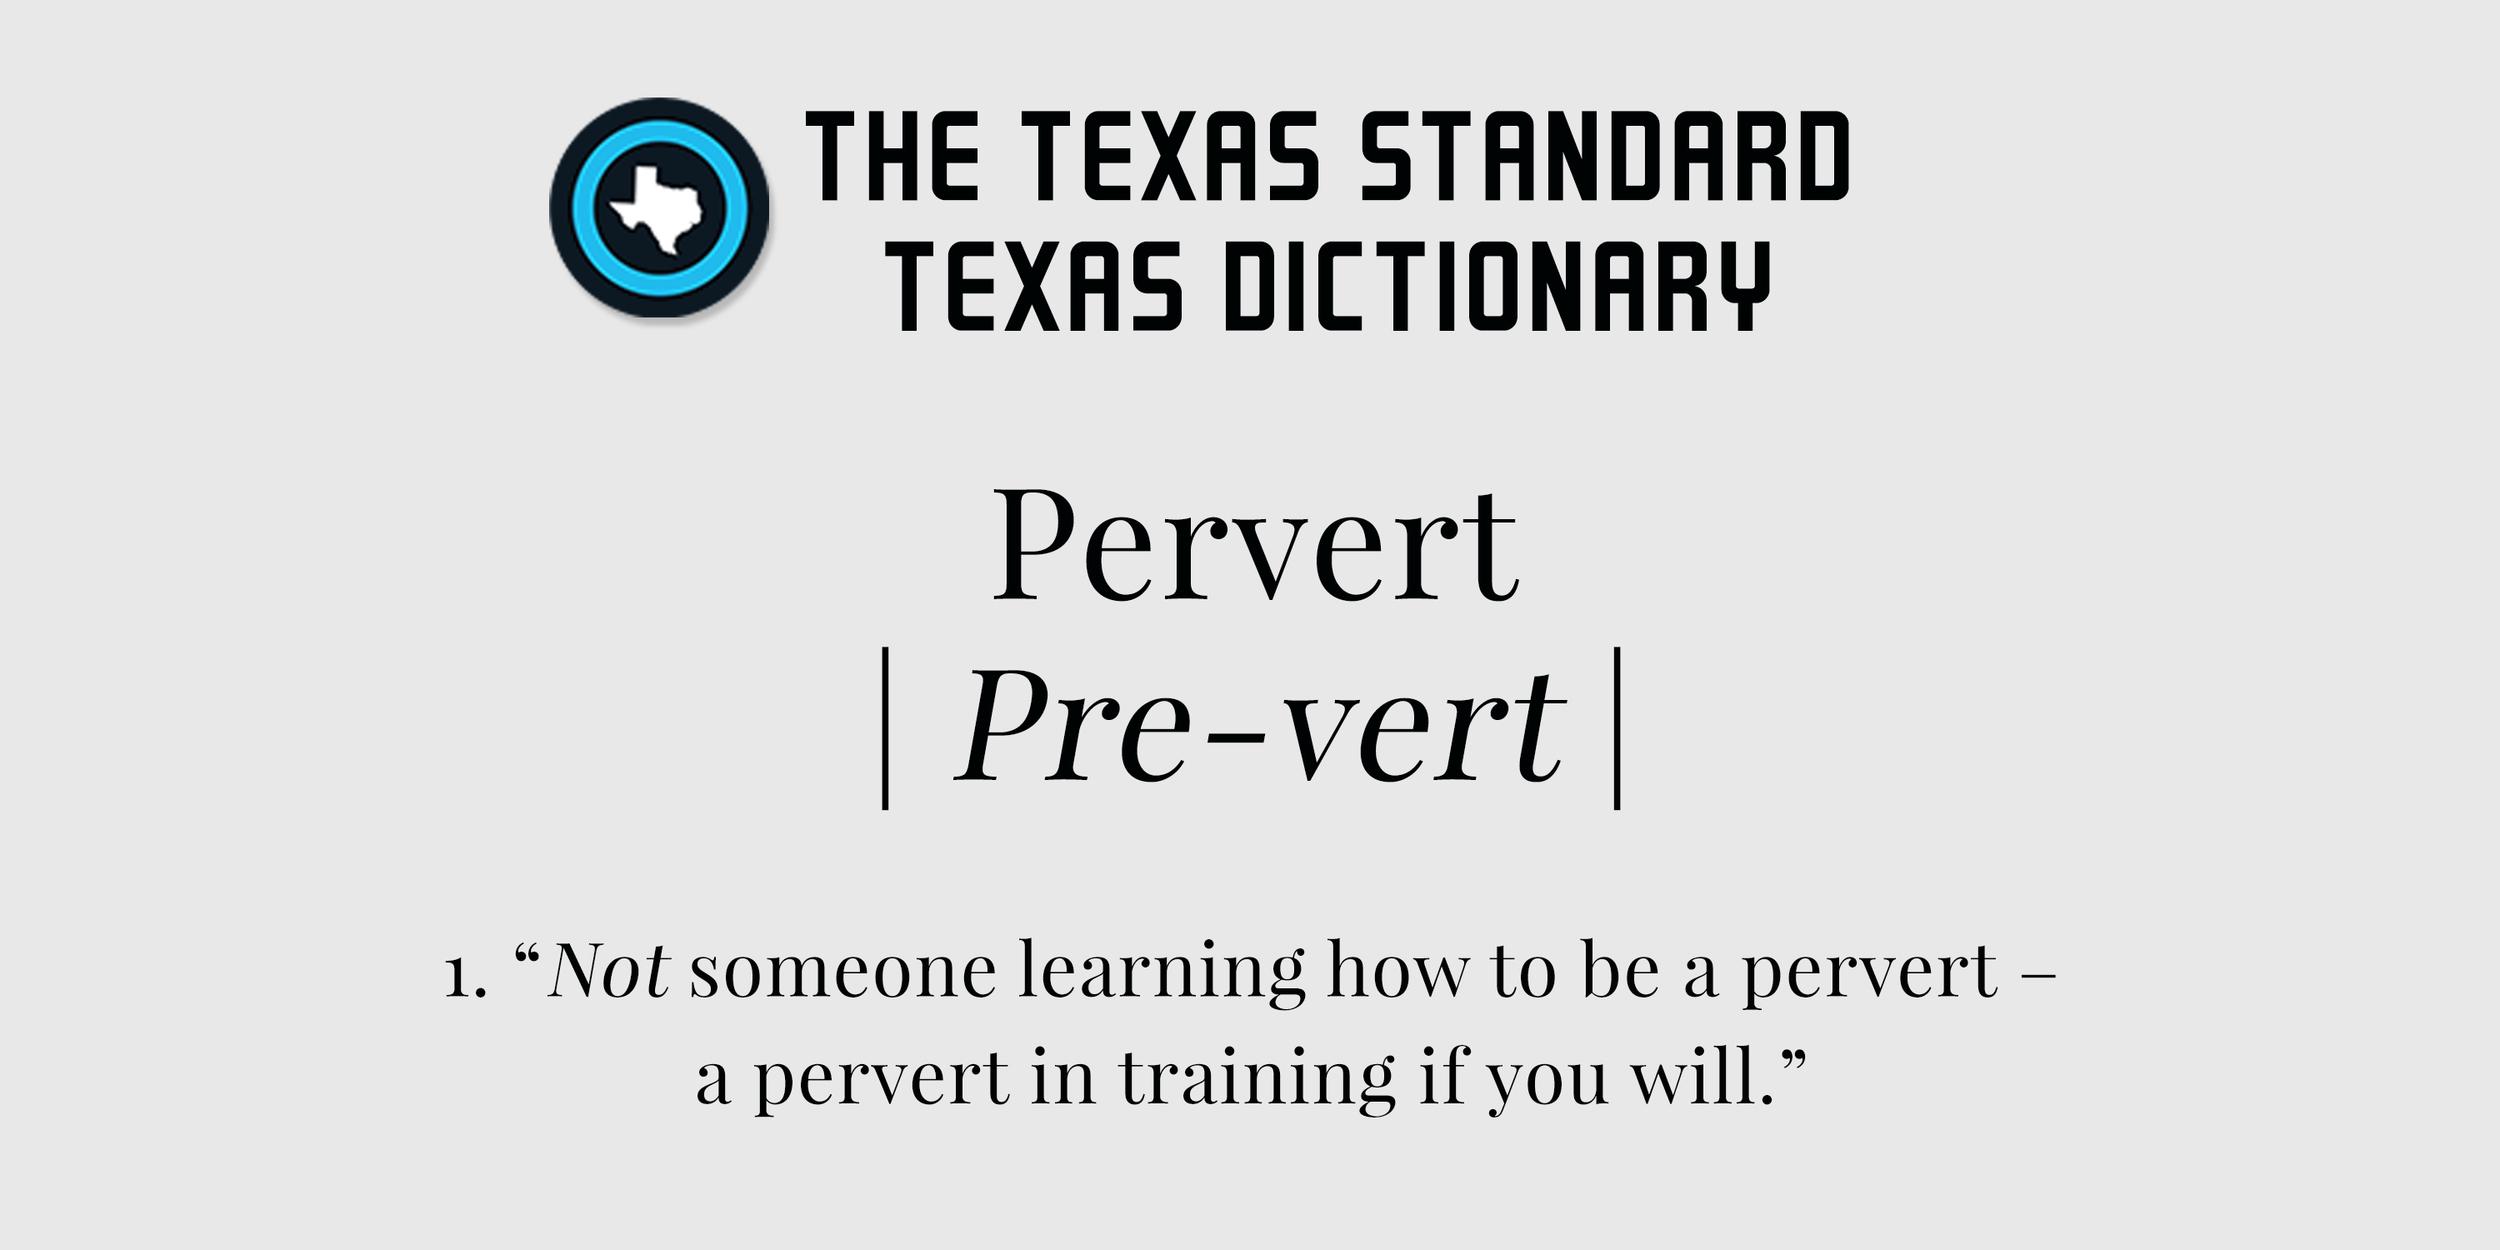 TexasStandard_TXDictionary_Pervert.jpg